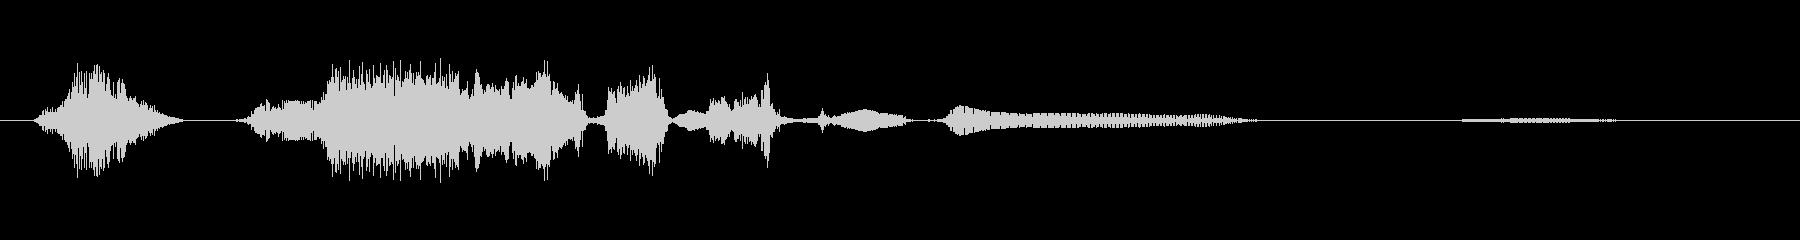 パンチからの「アーハハハ!」ver.2の未再生の波形